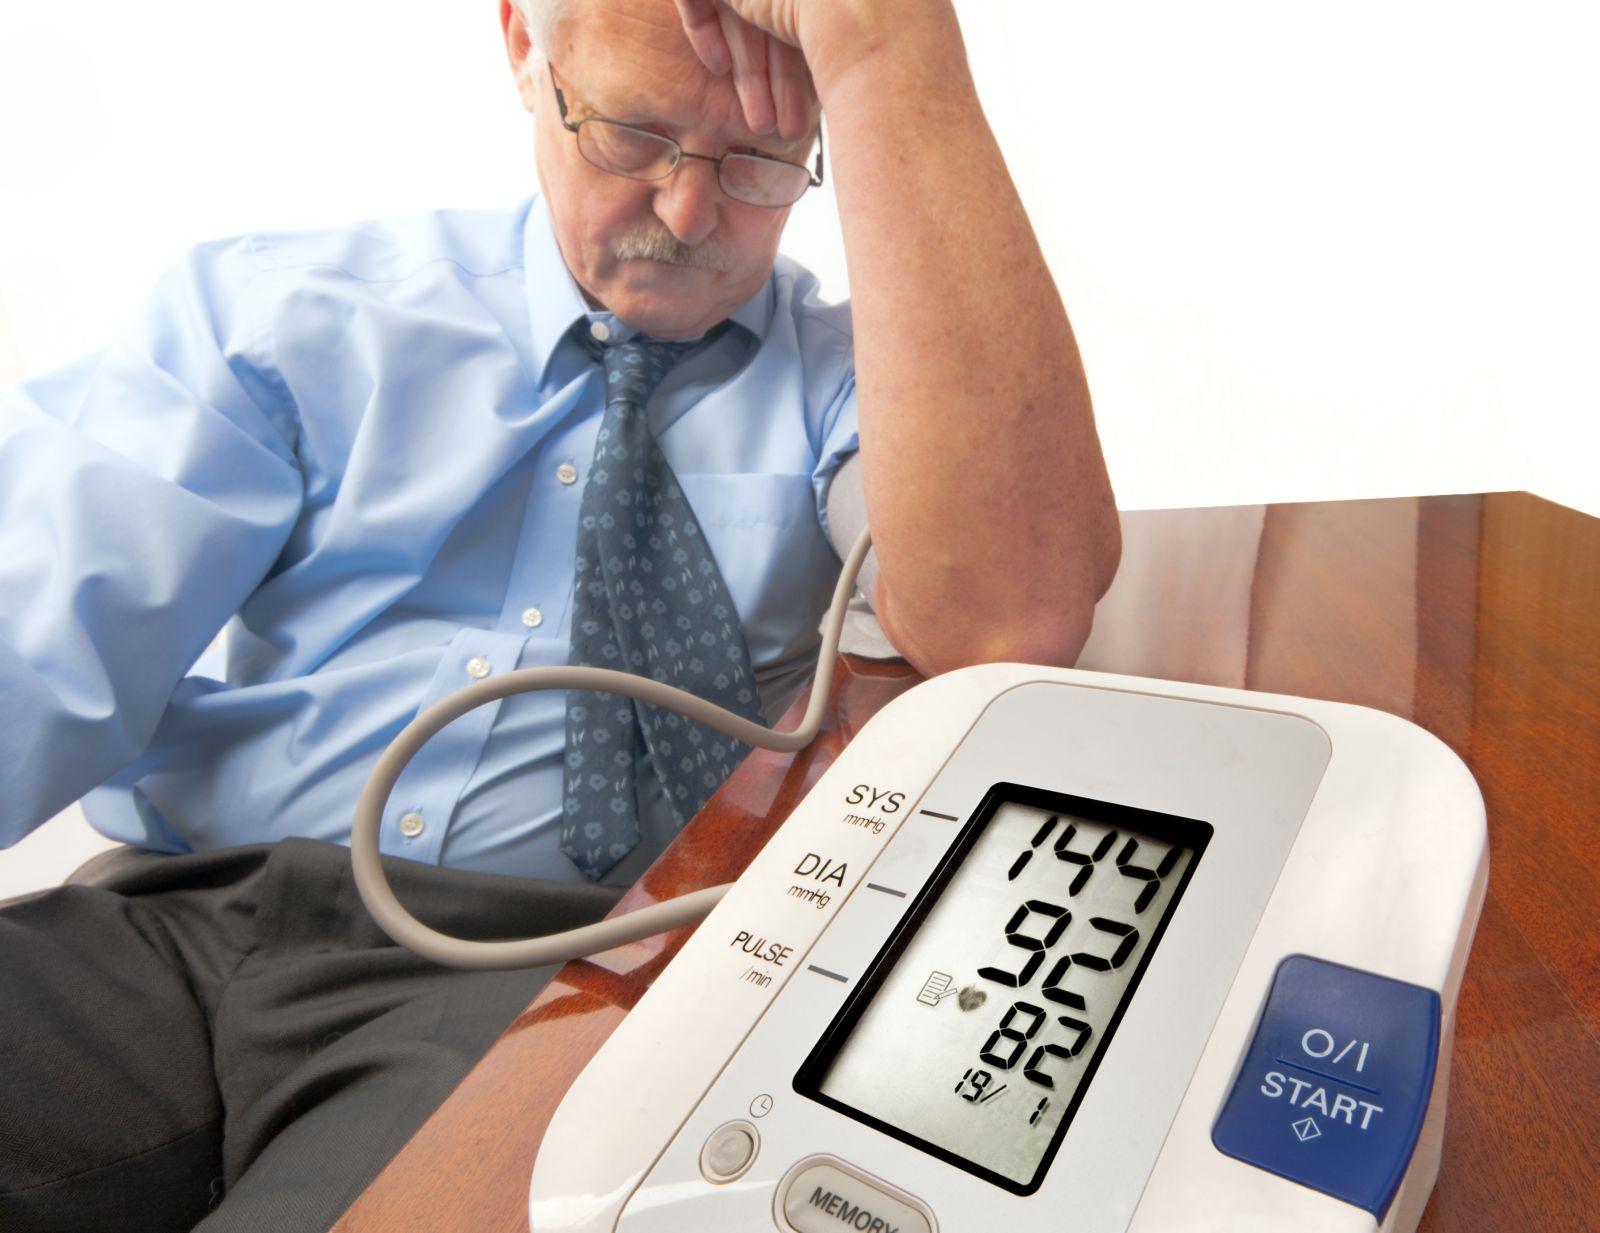 To kdo spí příliš dlouho a méně cvičí, mají obecně horší zdravotní stav